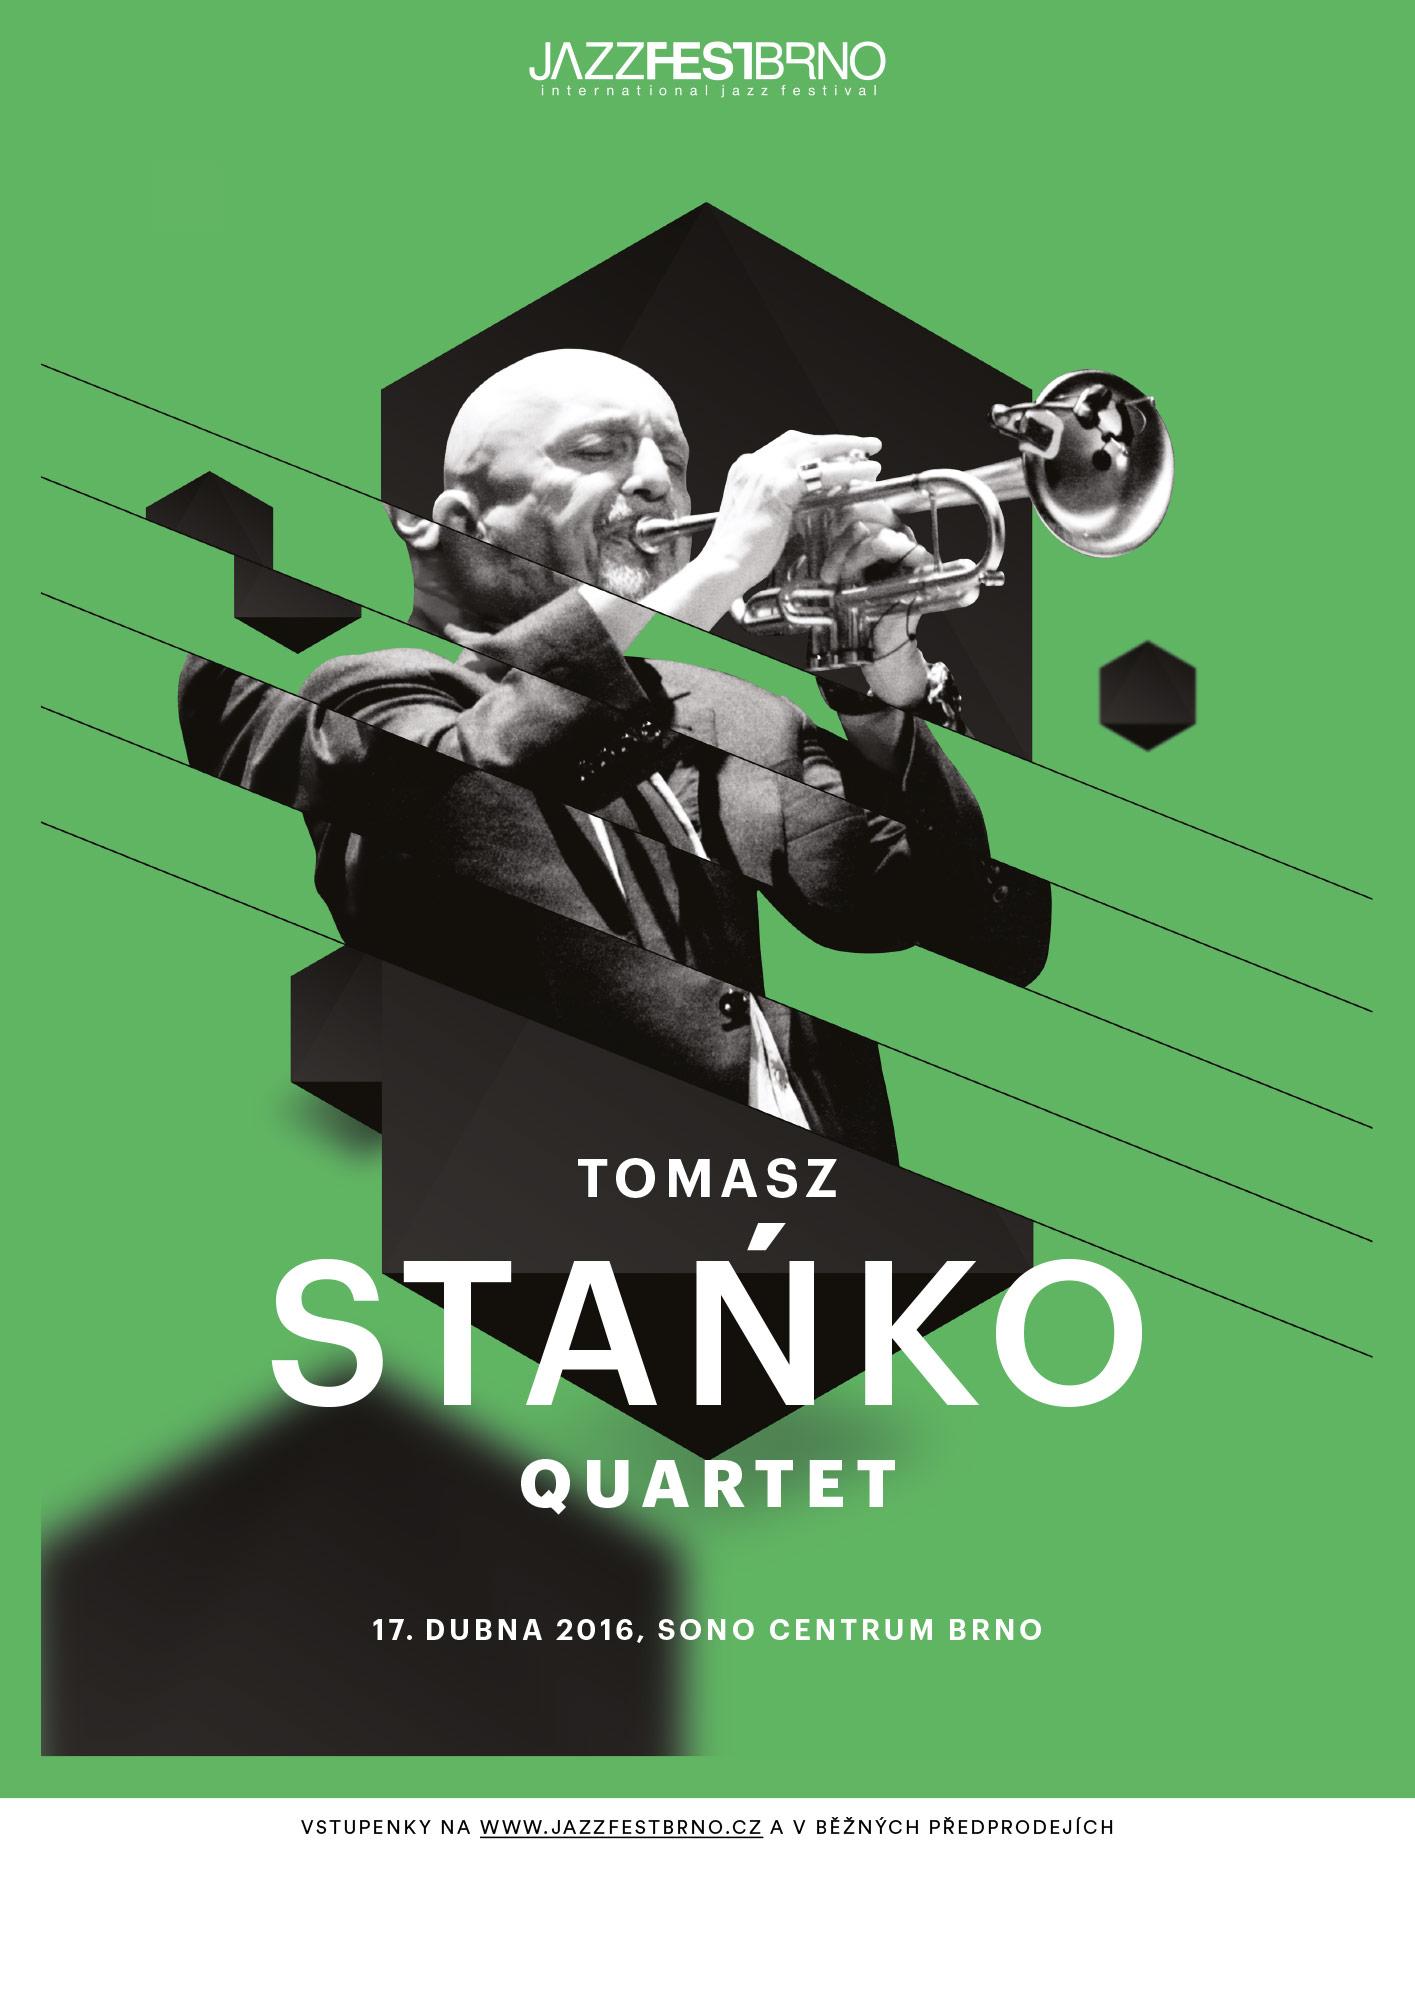 Jazzfestbrno 2016 - Tomasz Stańko Quartet